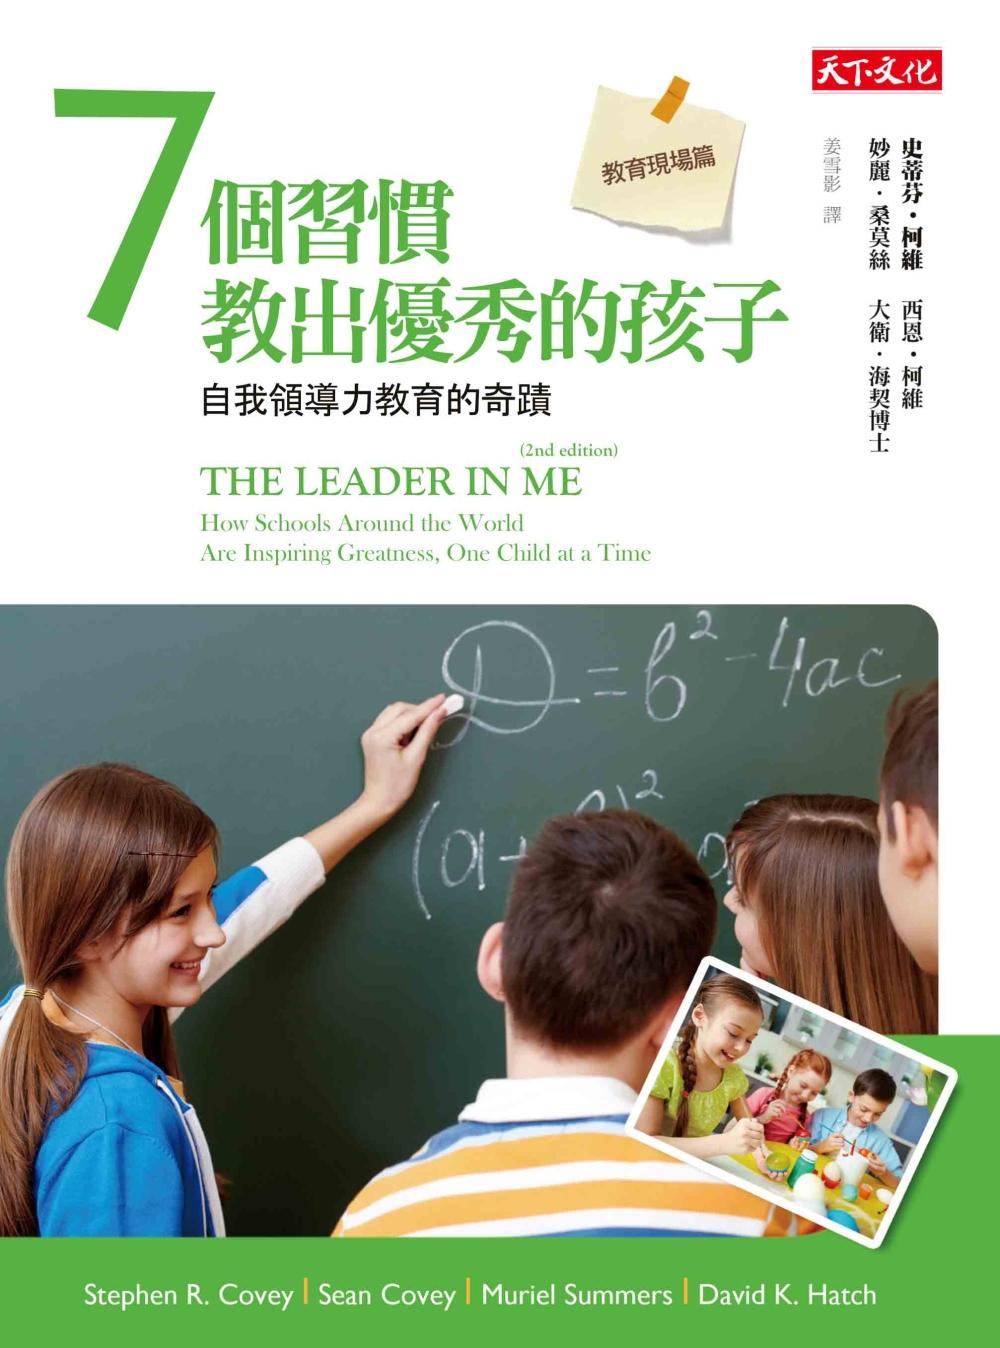 7个习惯教出优秀的孩子─教育现场篇:自我领导力教育的奇蹟